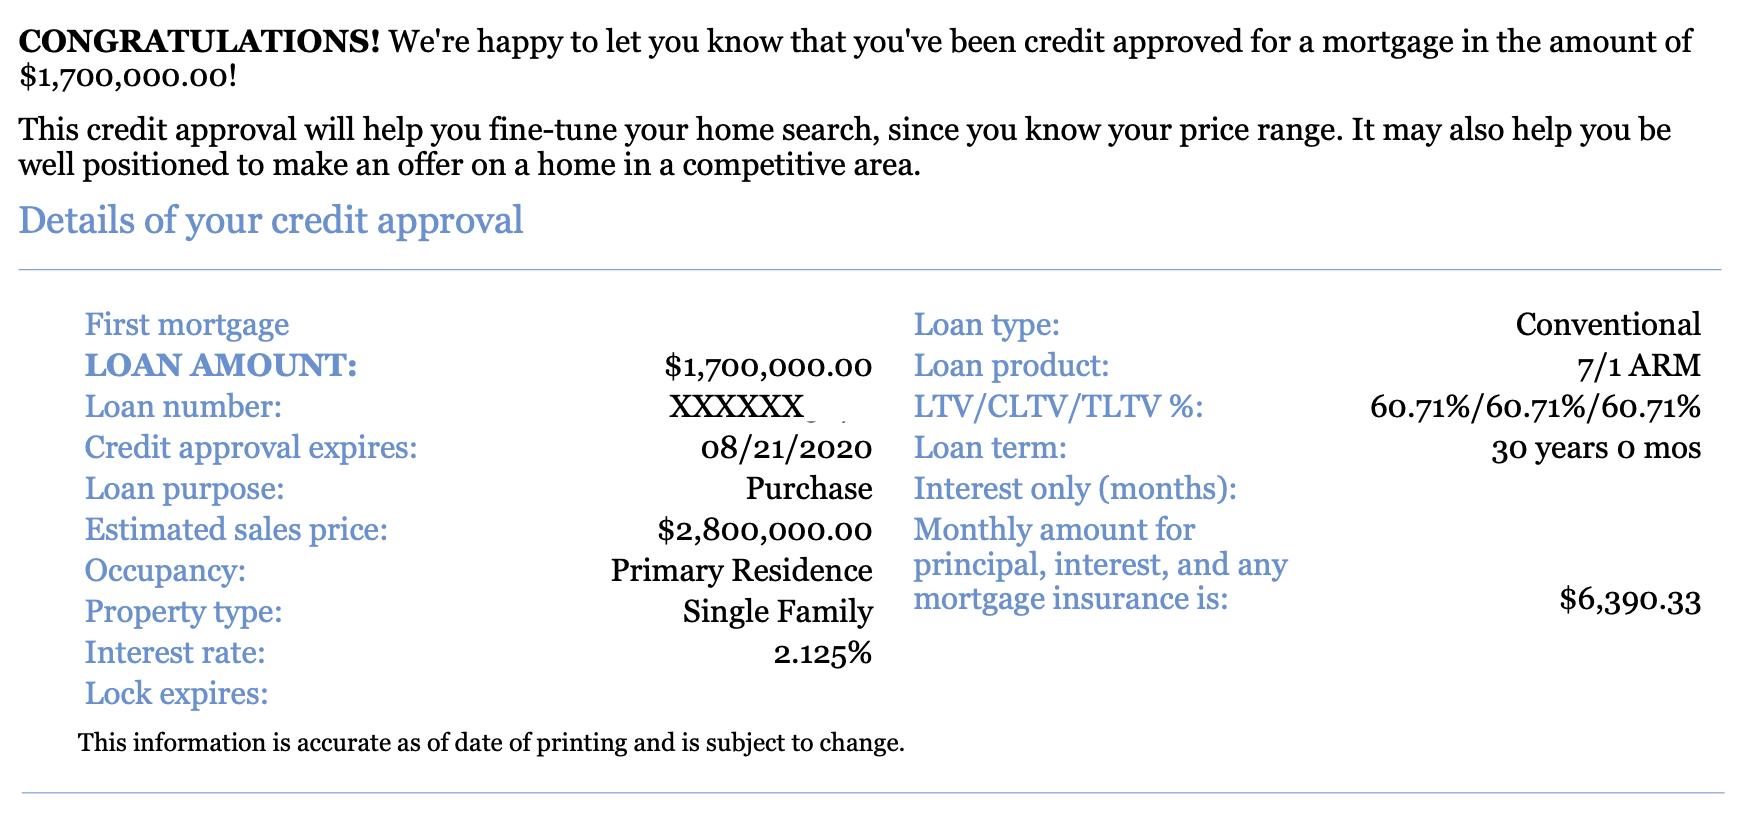 Lettre de crédit pré-approbation pour l'achat d'une propriété